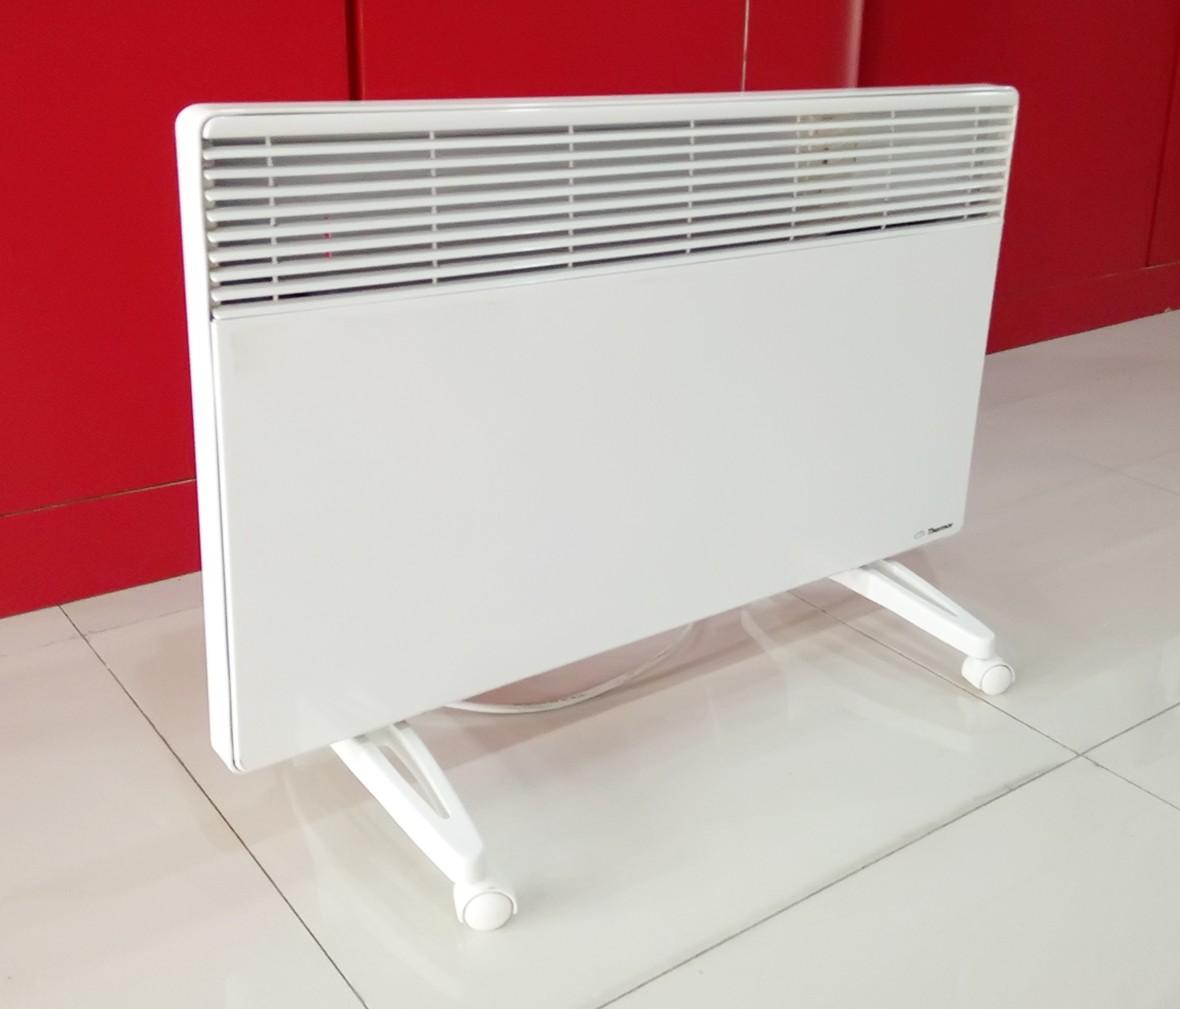 赛蒙电暖器 EV-E2000型号 钢制选材暖气片电暖气  制热效率高 商品实拍